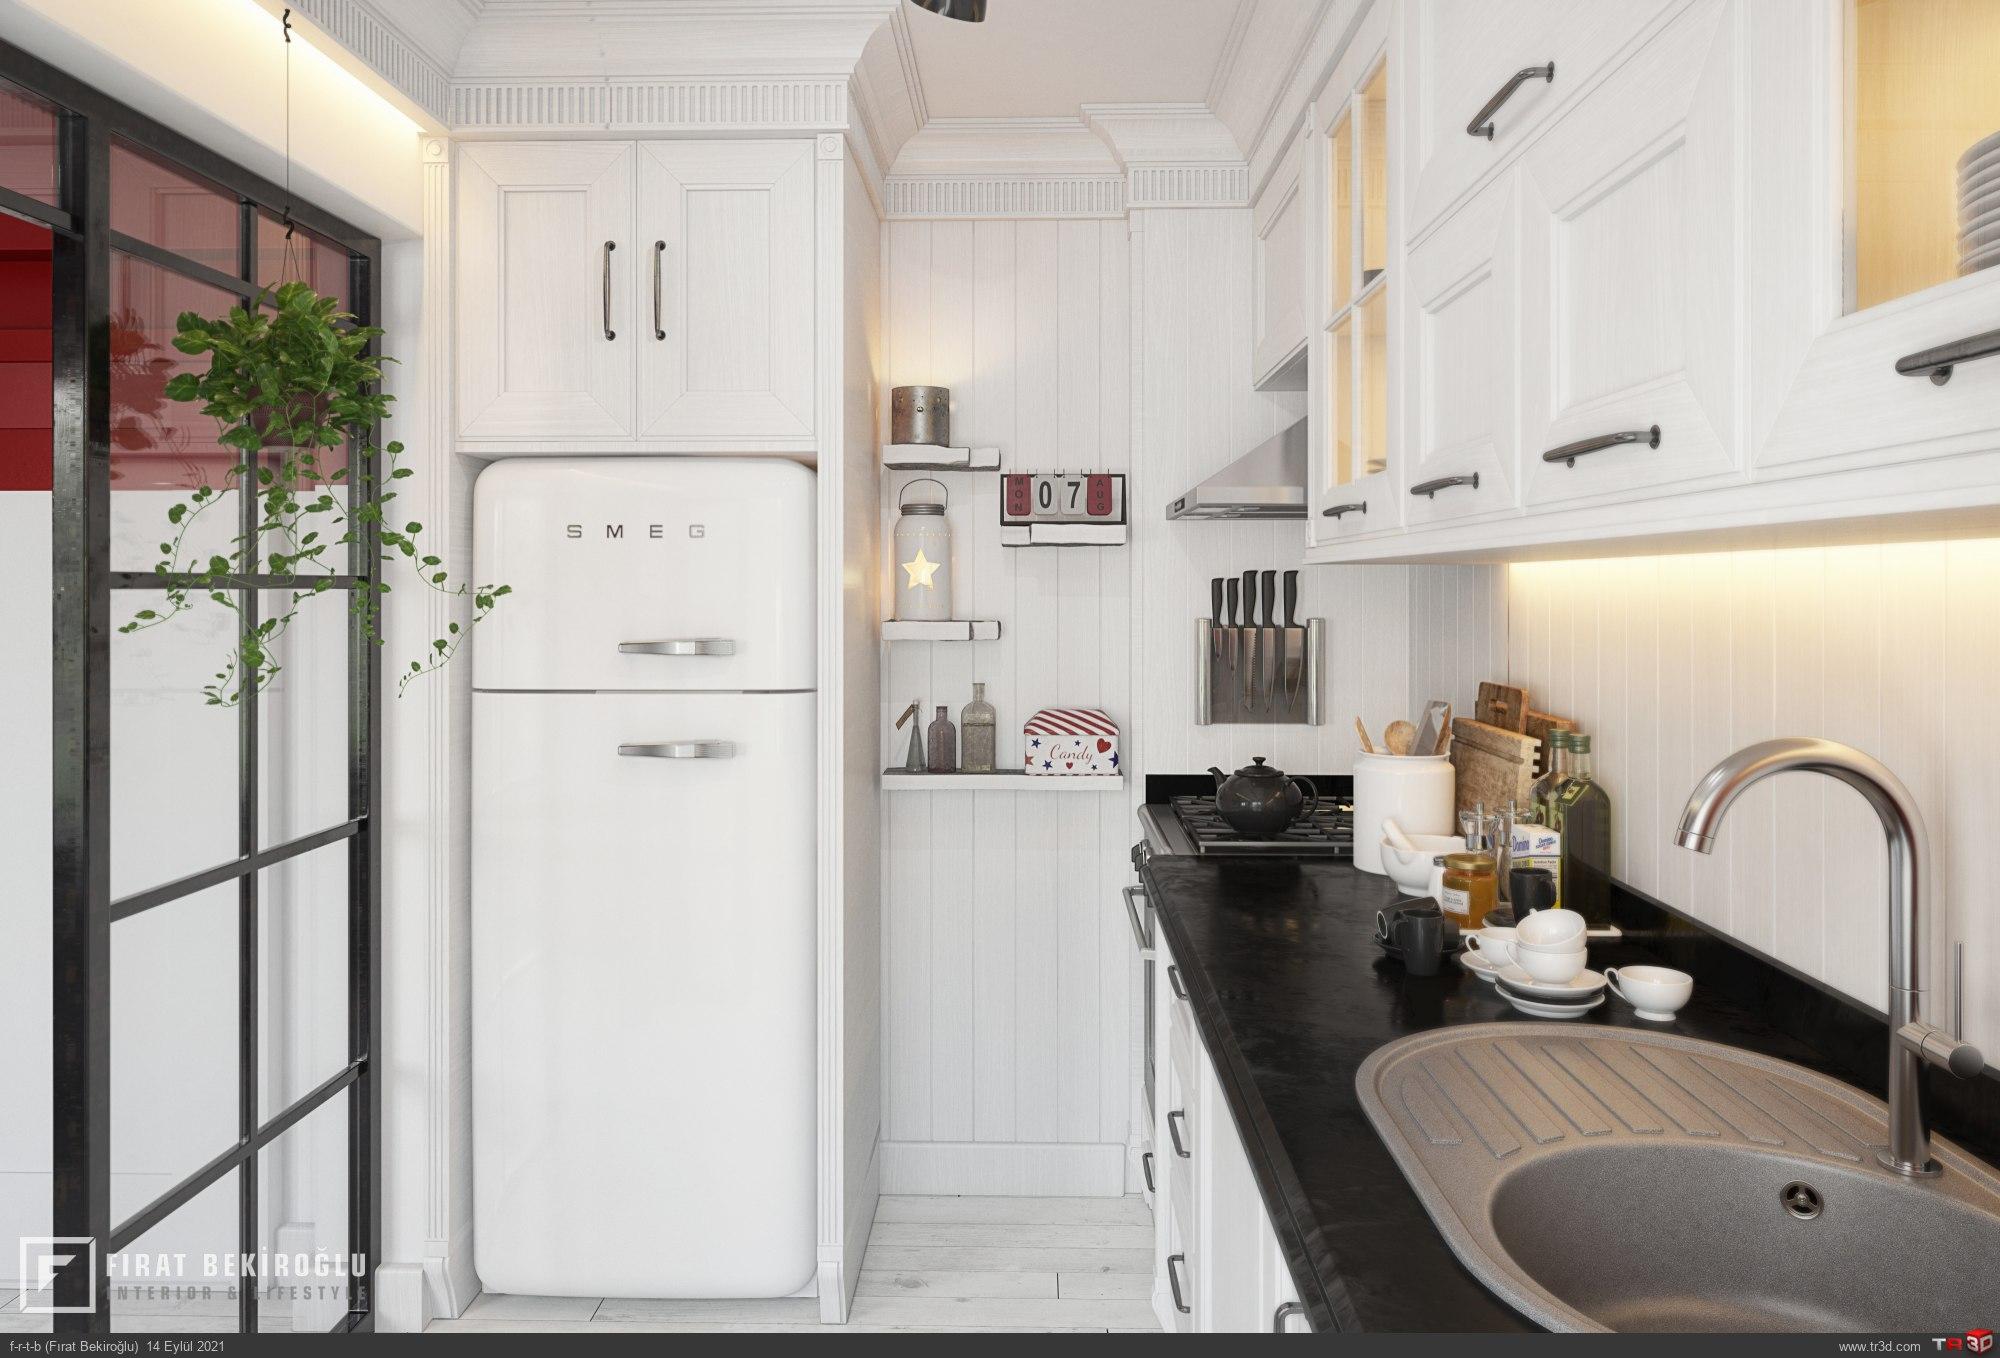 Ofis Mutfak Tasarımı 3